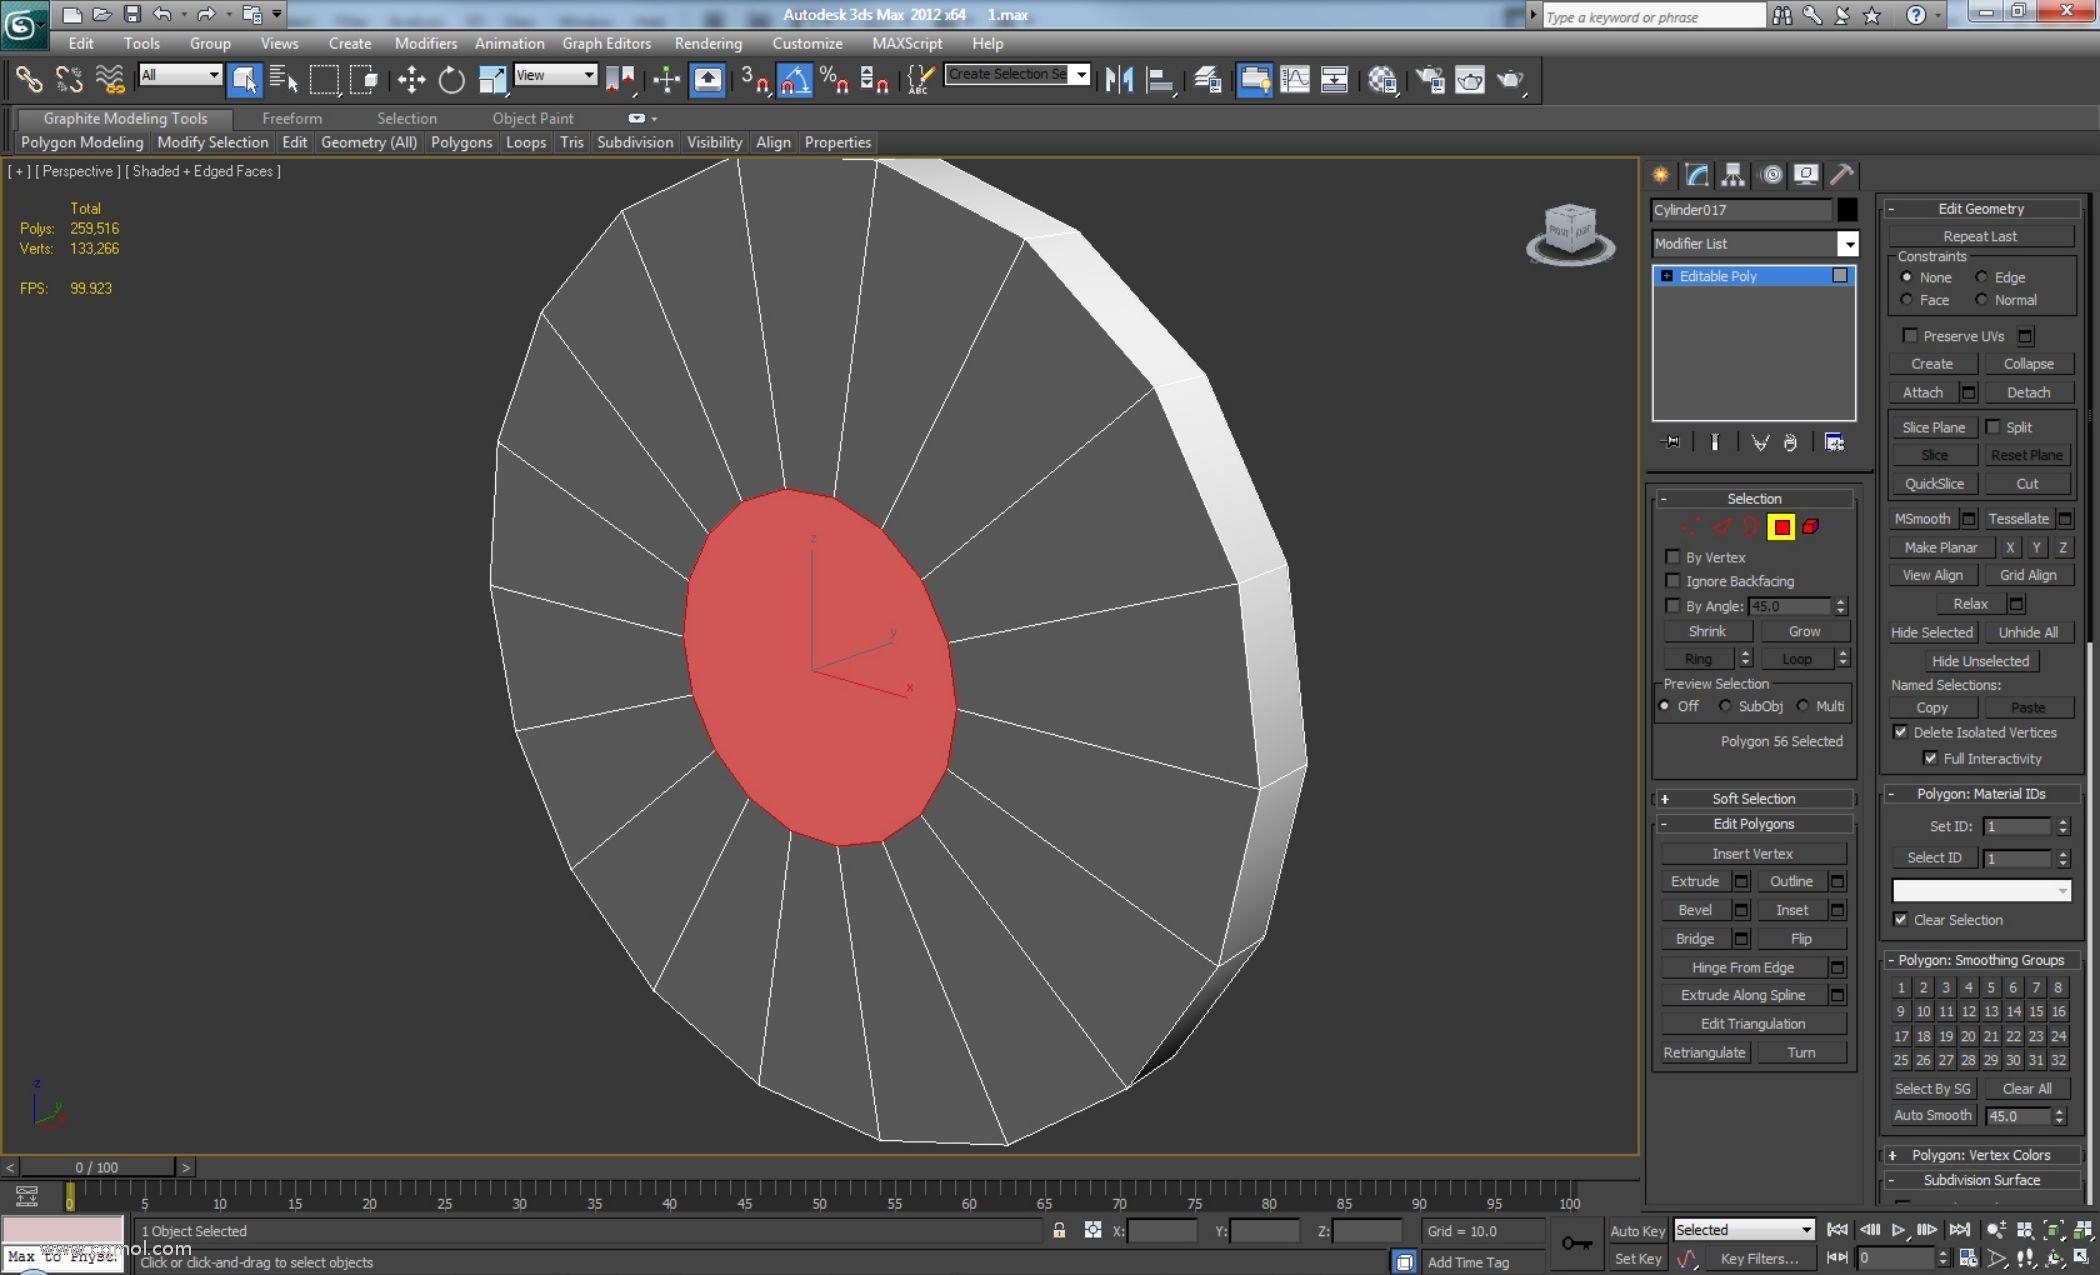 创建一个具有18个边的新圆柱体,将其转换为可编辑多边形并插入前后多边形